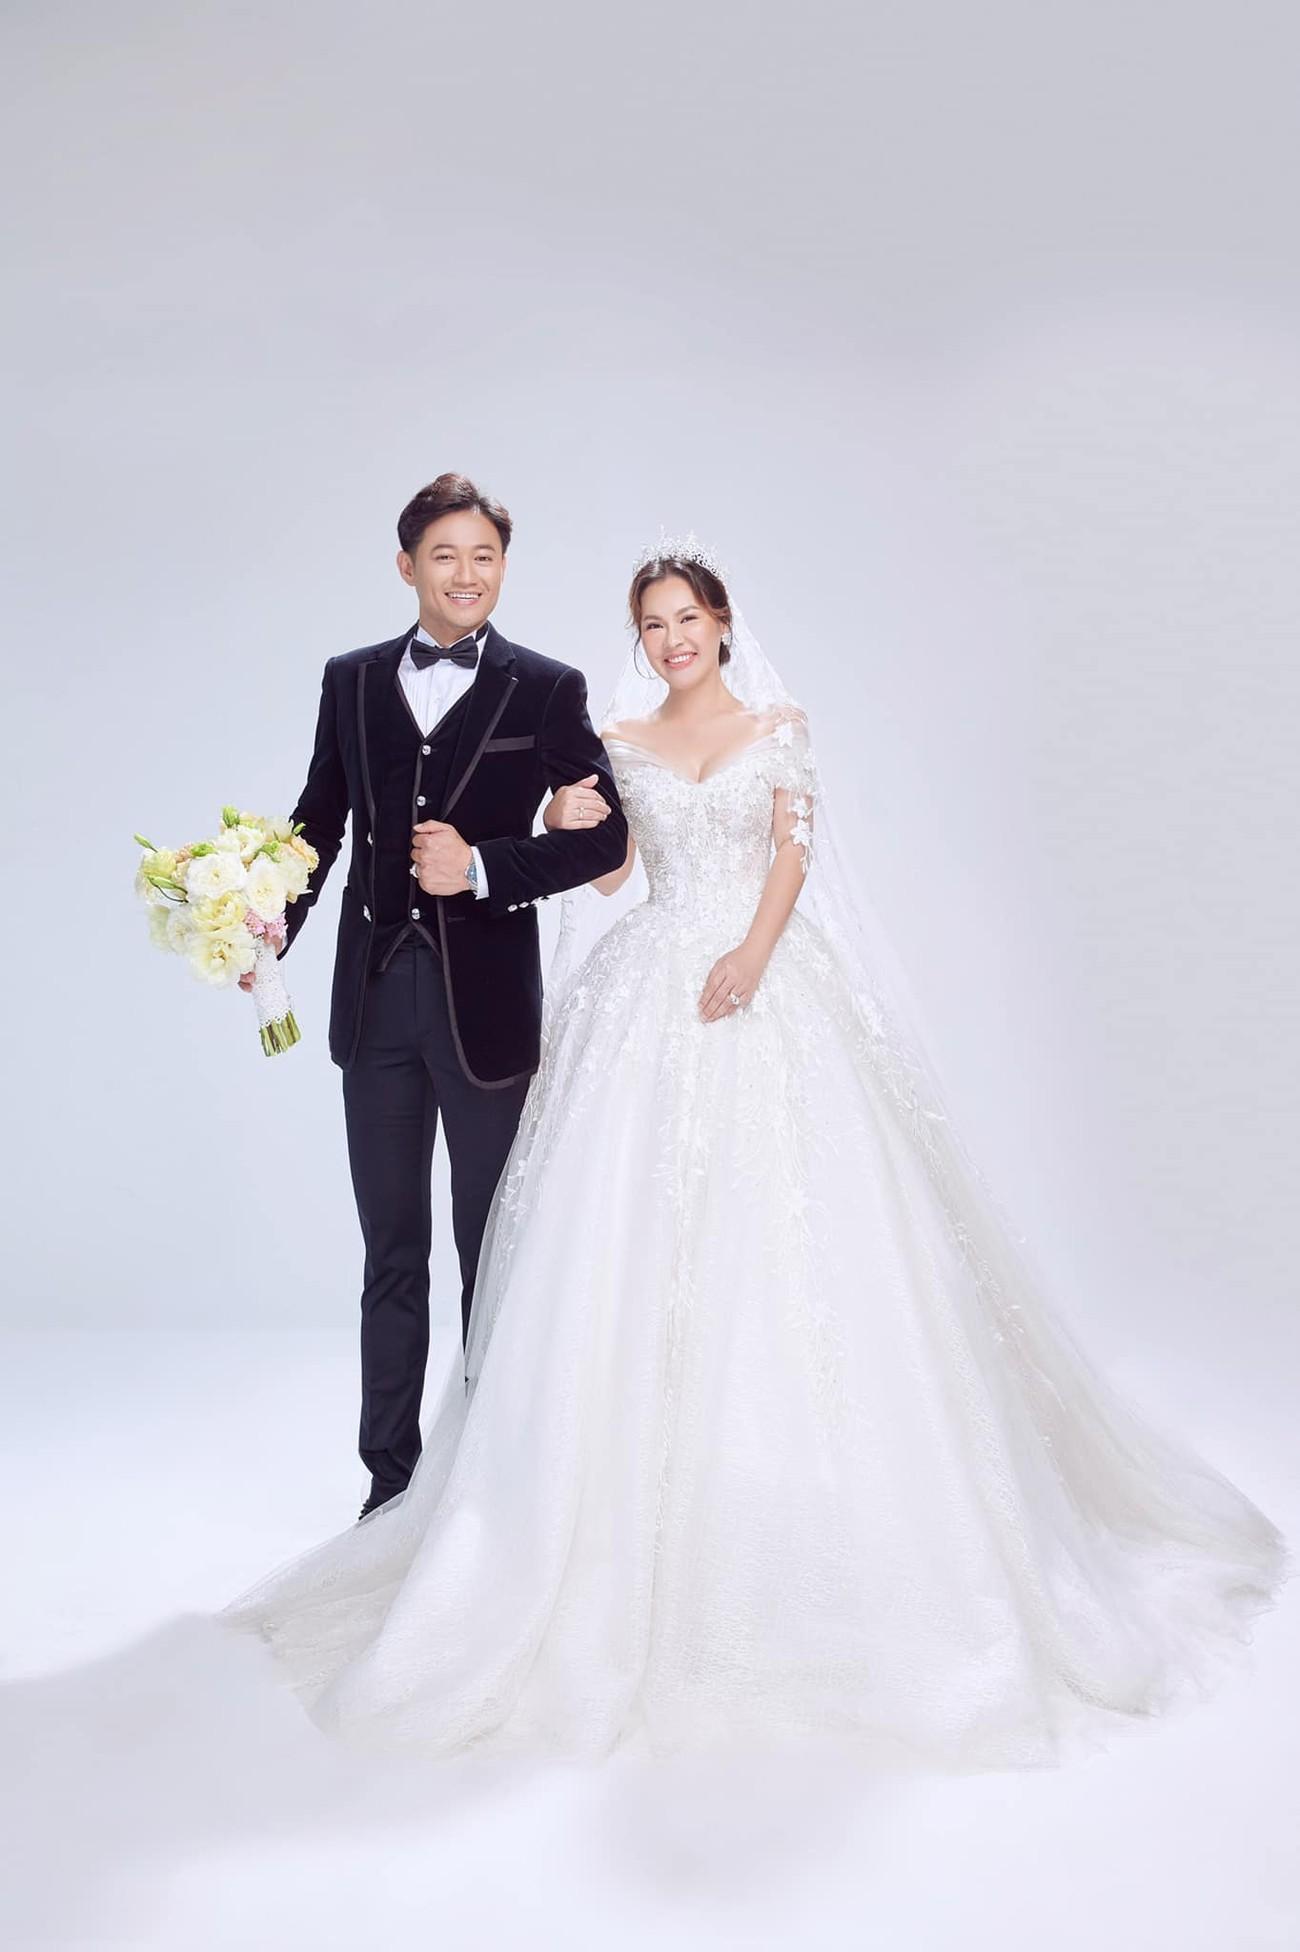 Hé lộ thêm ảnh cưới của Quý Bình, vợ doanh nhân cực trẻ trung và xinh đẹp ảnh 2